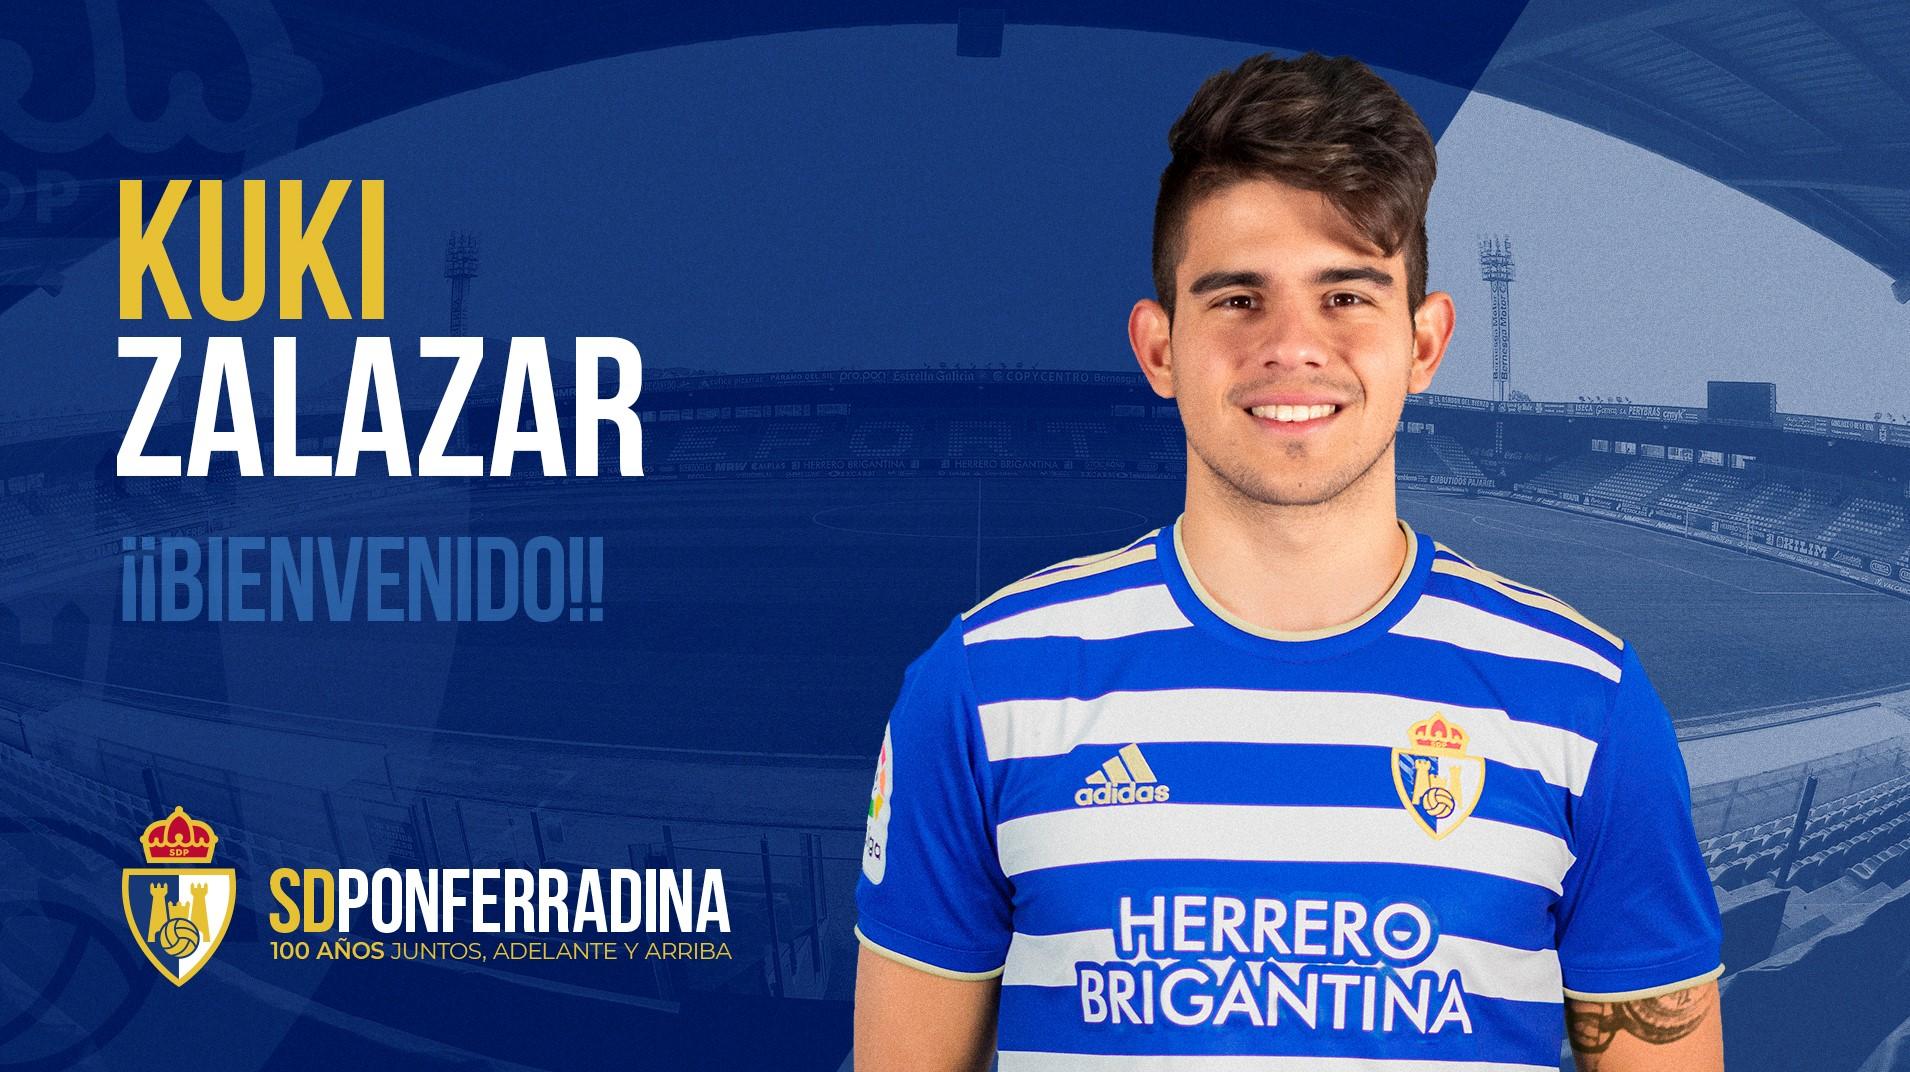 OFICIAL: Kuki Zalazar se une a la SD Ponferradina 1